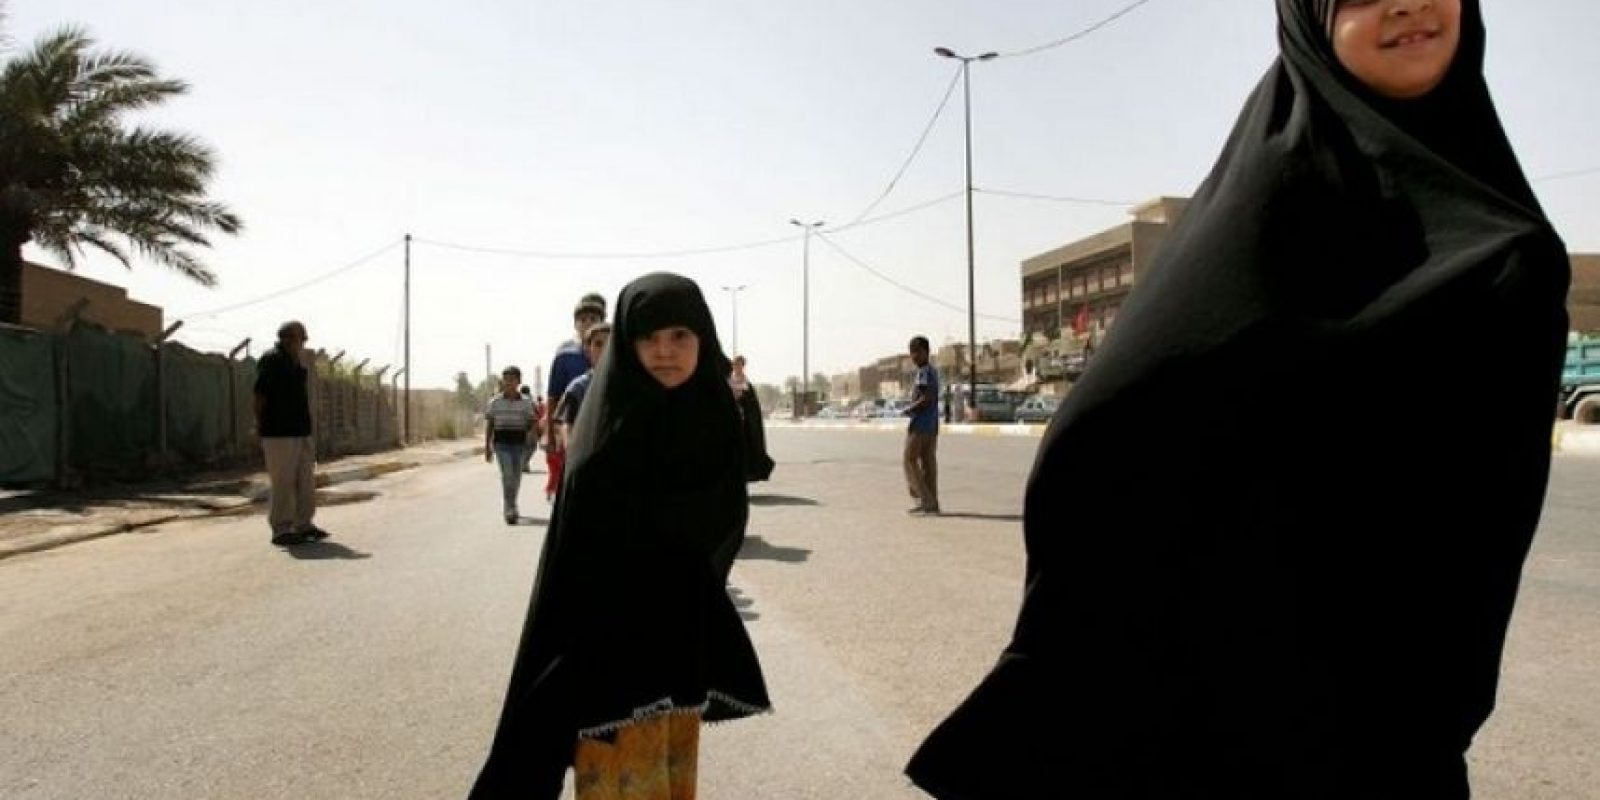 Entre 40 y 50 años: 50 mil dinares (43.03 dólares) Foto:Getty Images